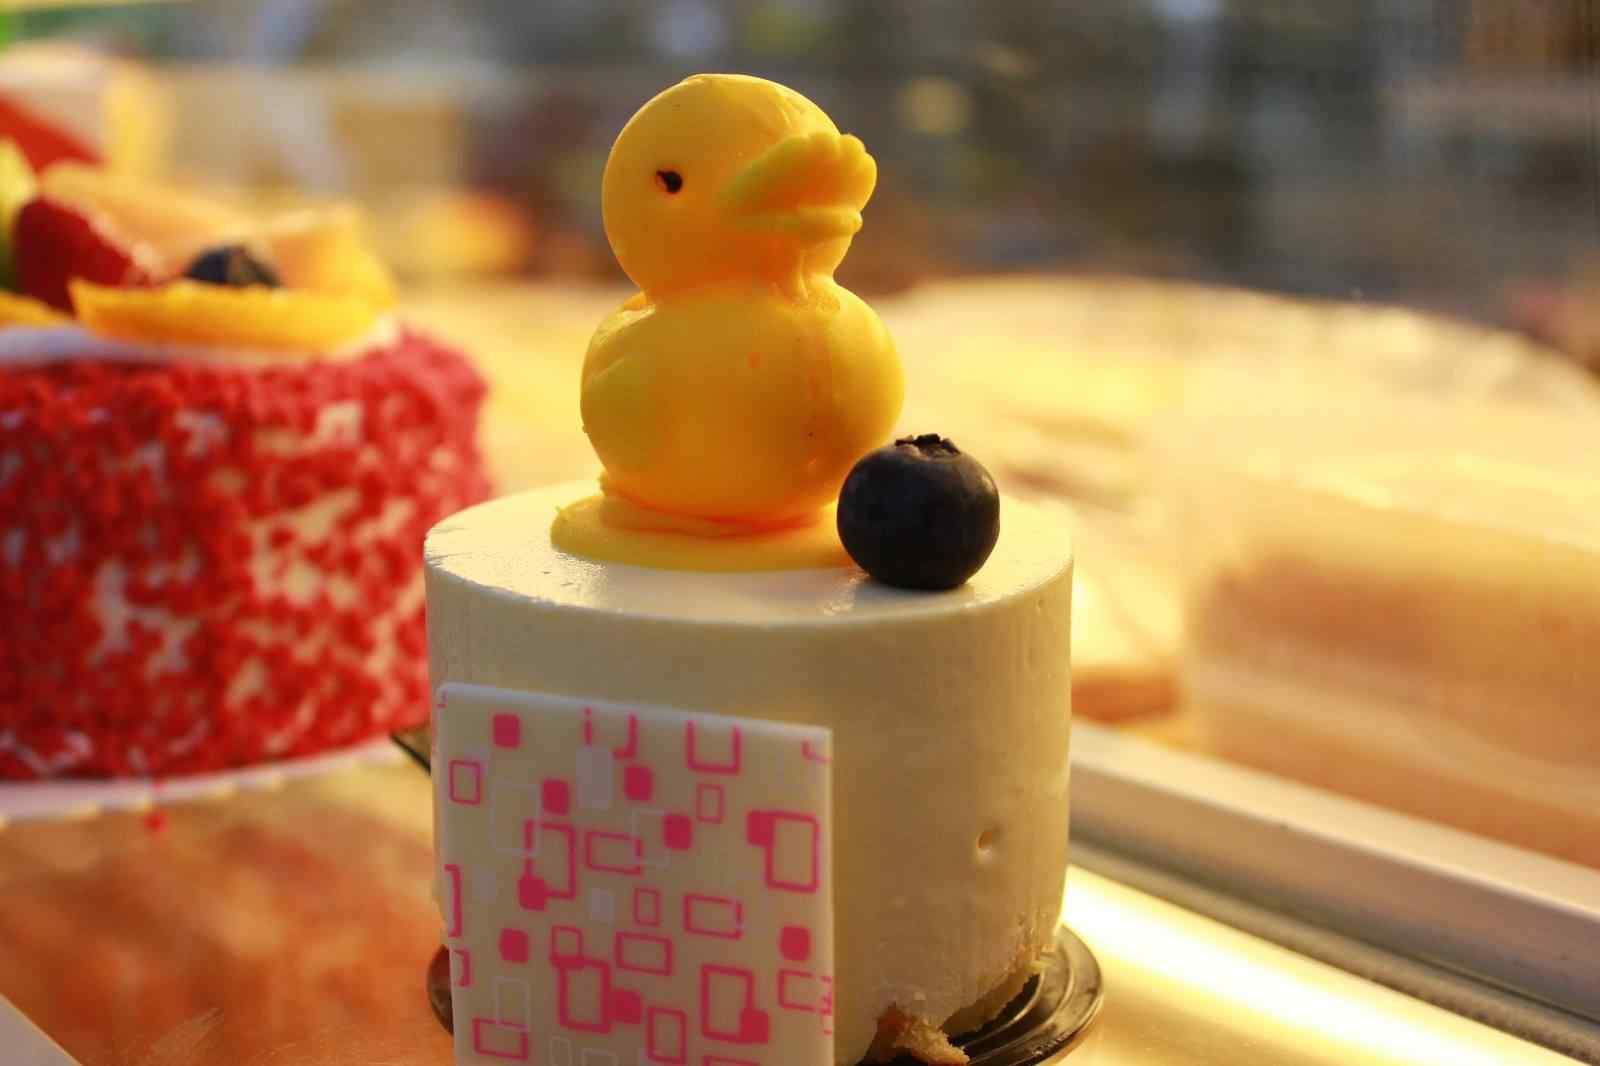 可爱的小鸭子图案美味蛋糕图片